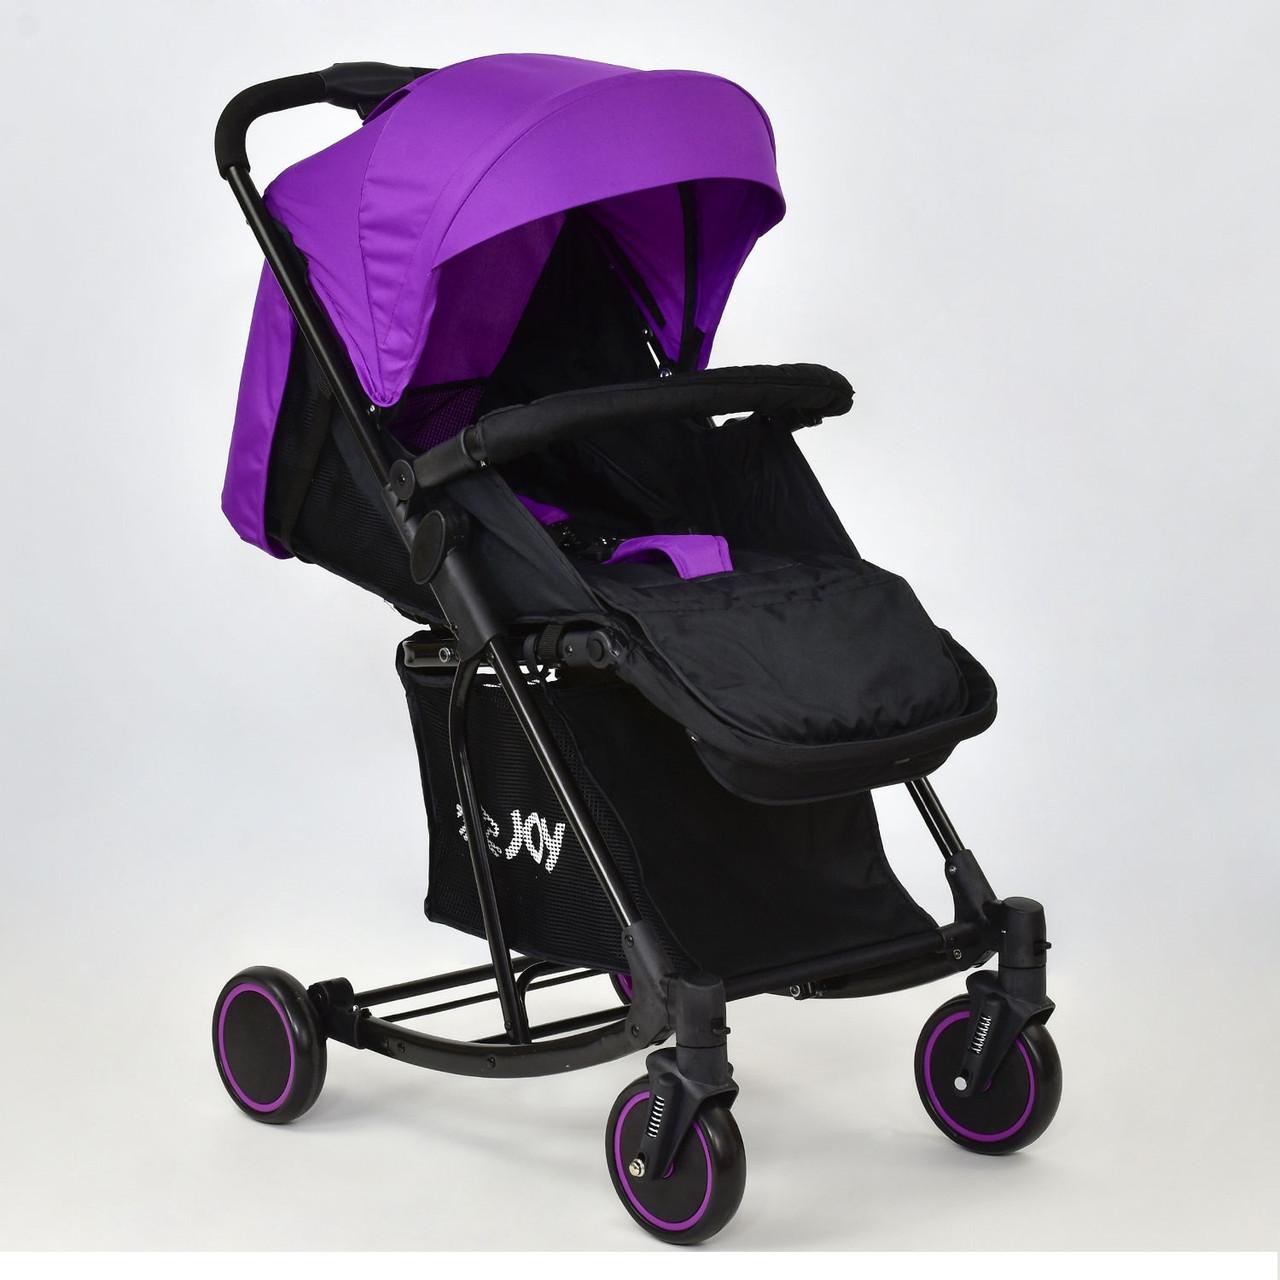 Детская коляска Т 609 JOY с функцией качания фиолетовая